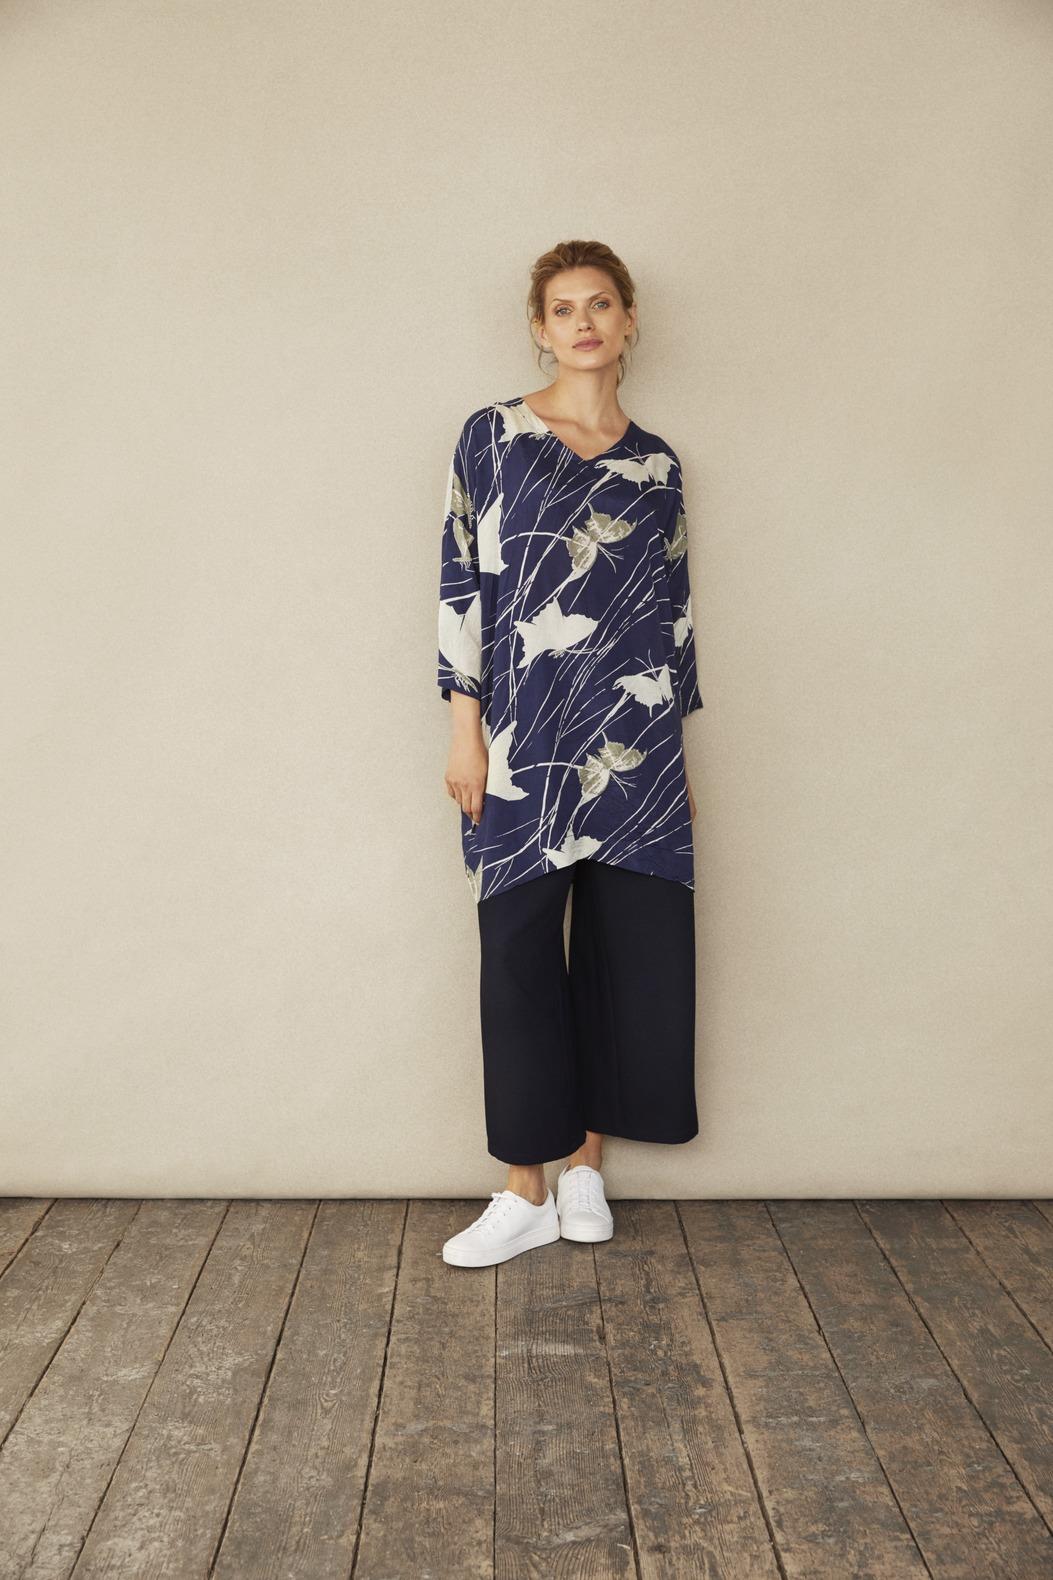 blaue Tunika mit weiss beigen Schmetterlingen aus Viskose von der Modemarke Masai Clothing Company